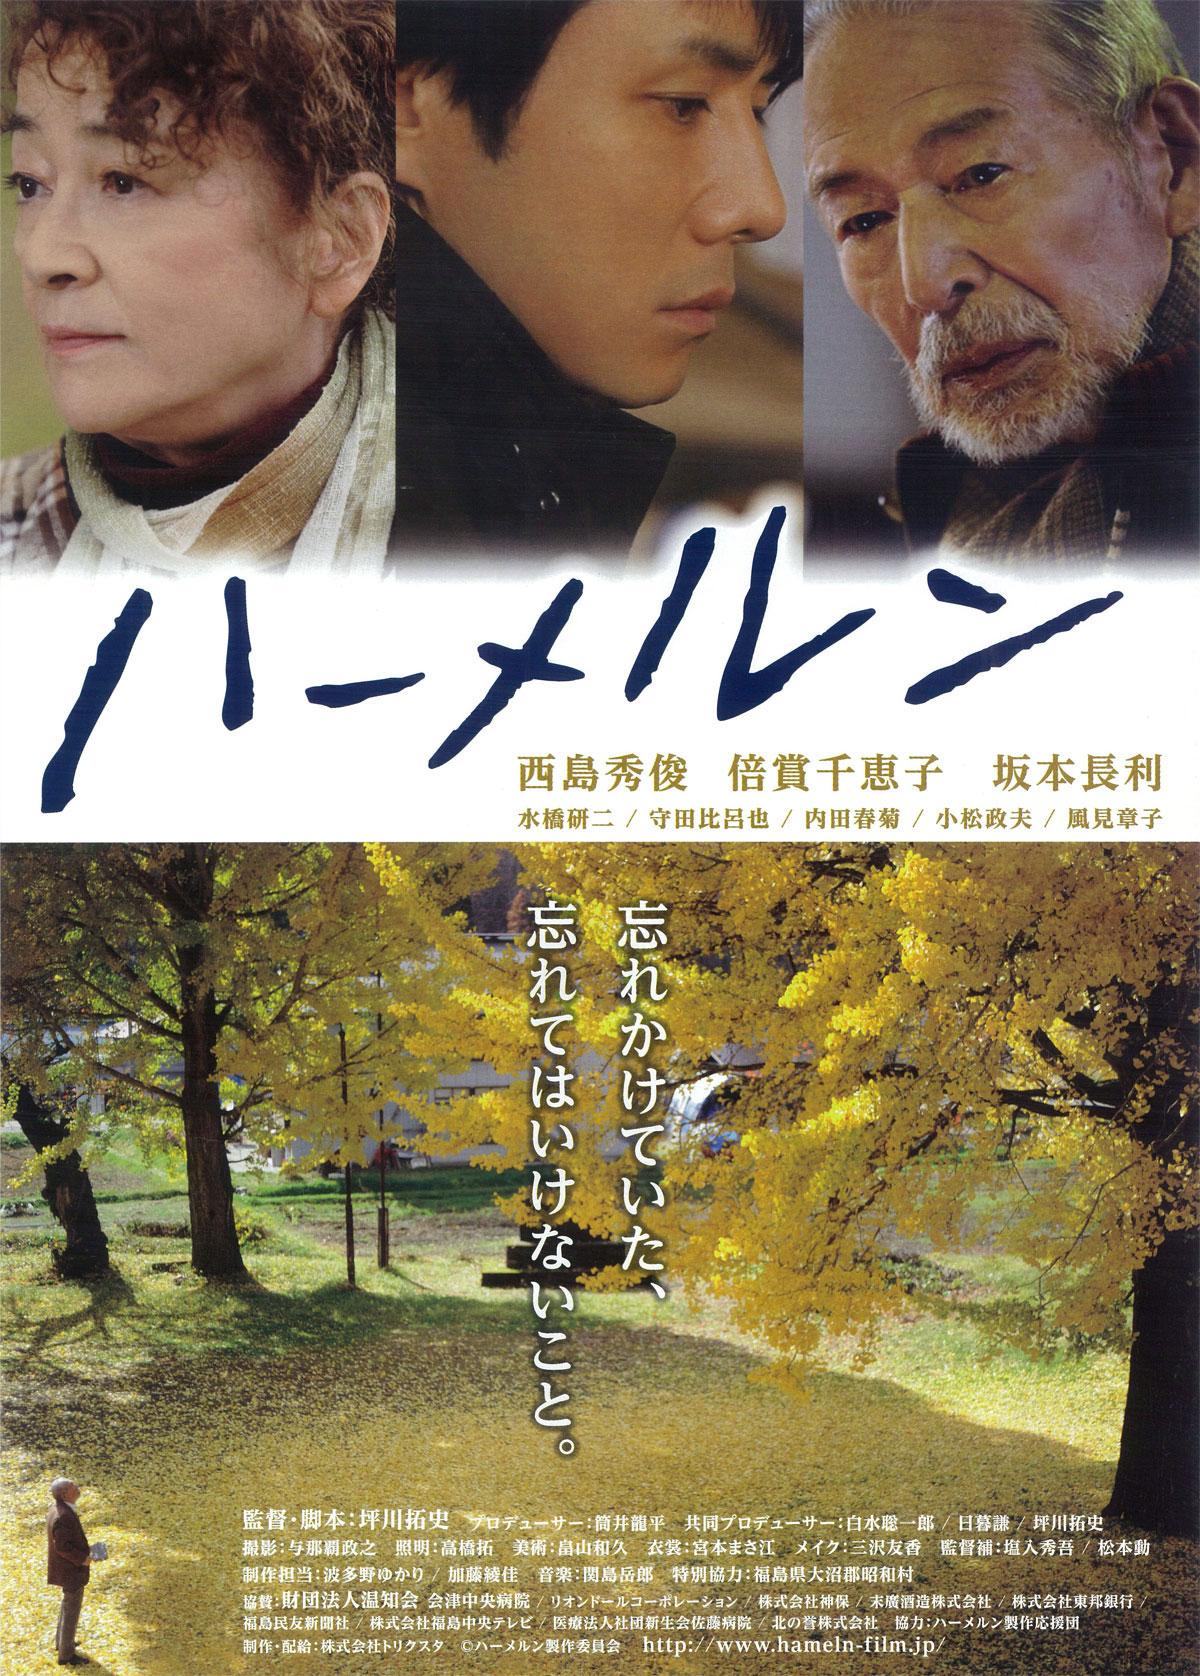 映画「ハーメルン」好評レンタル/配信中!